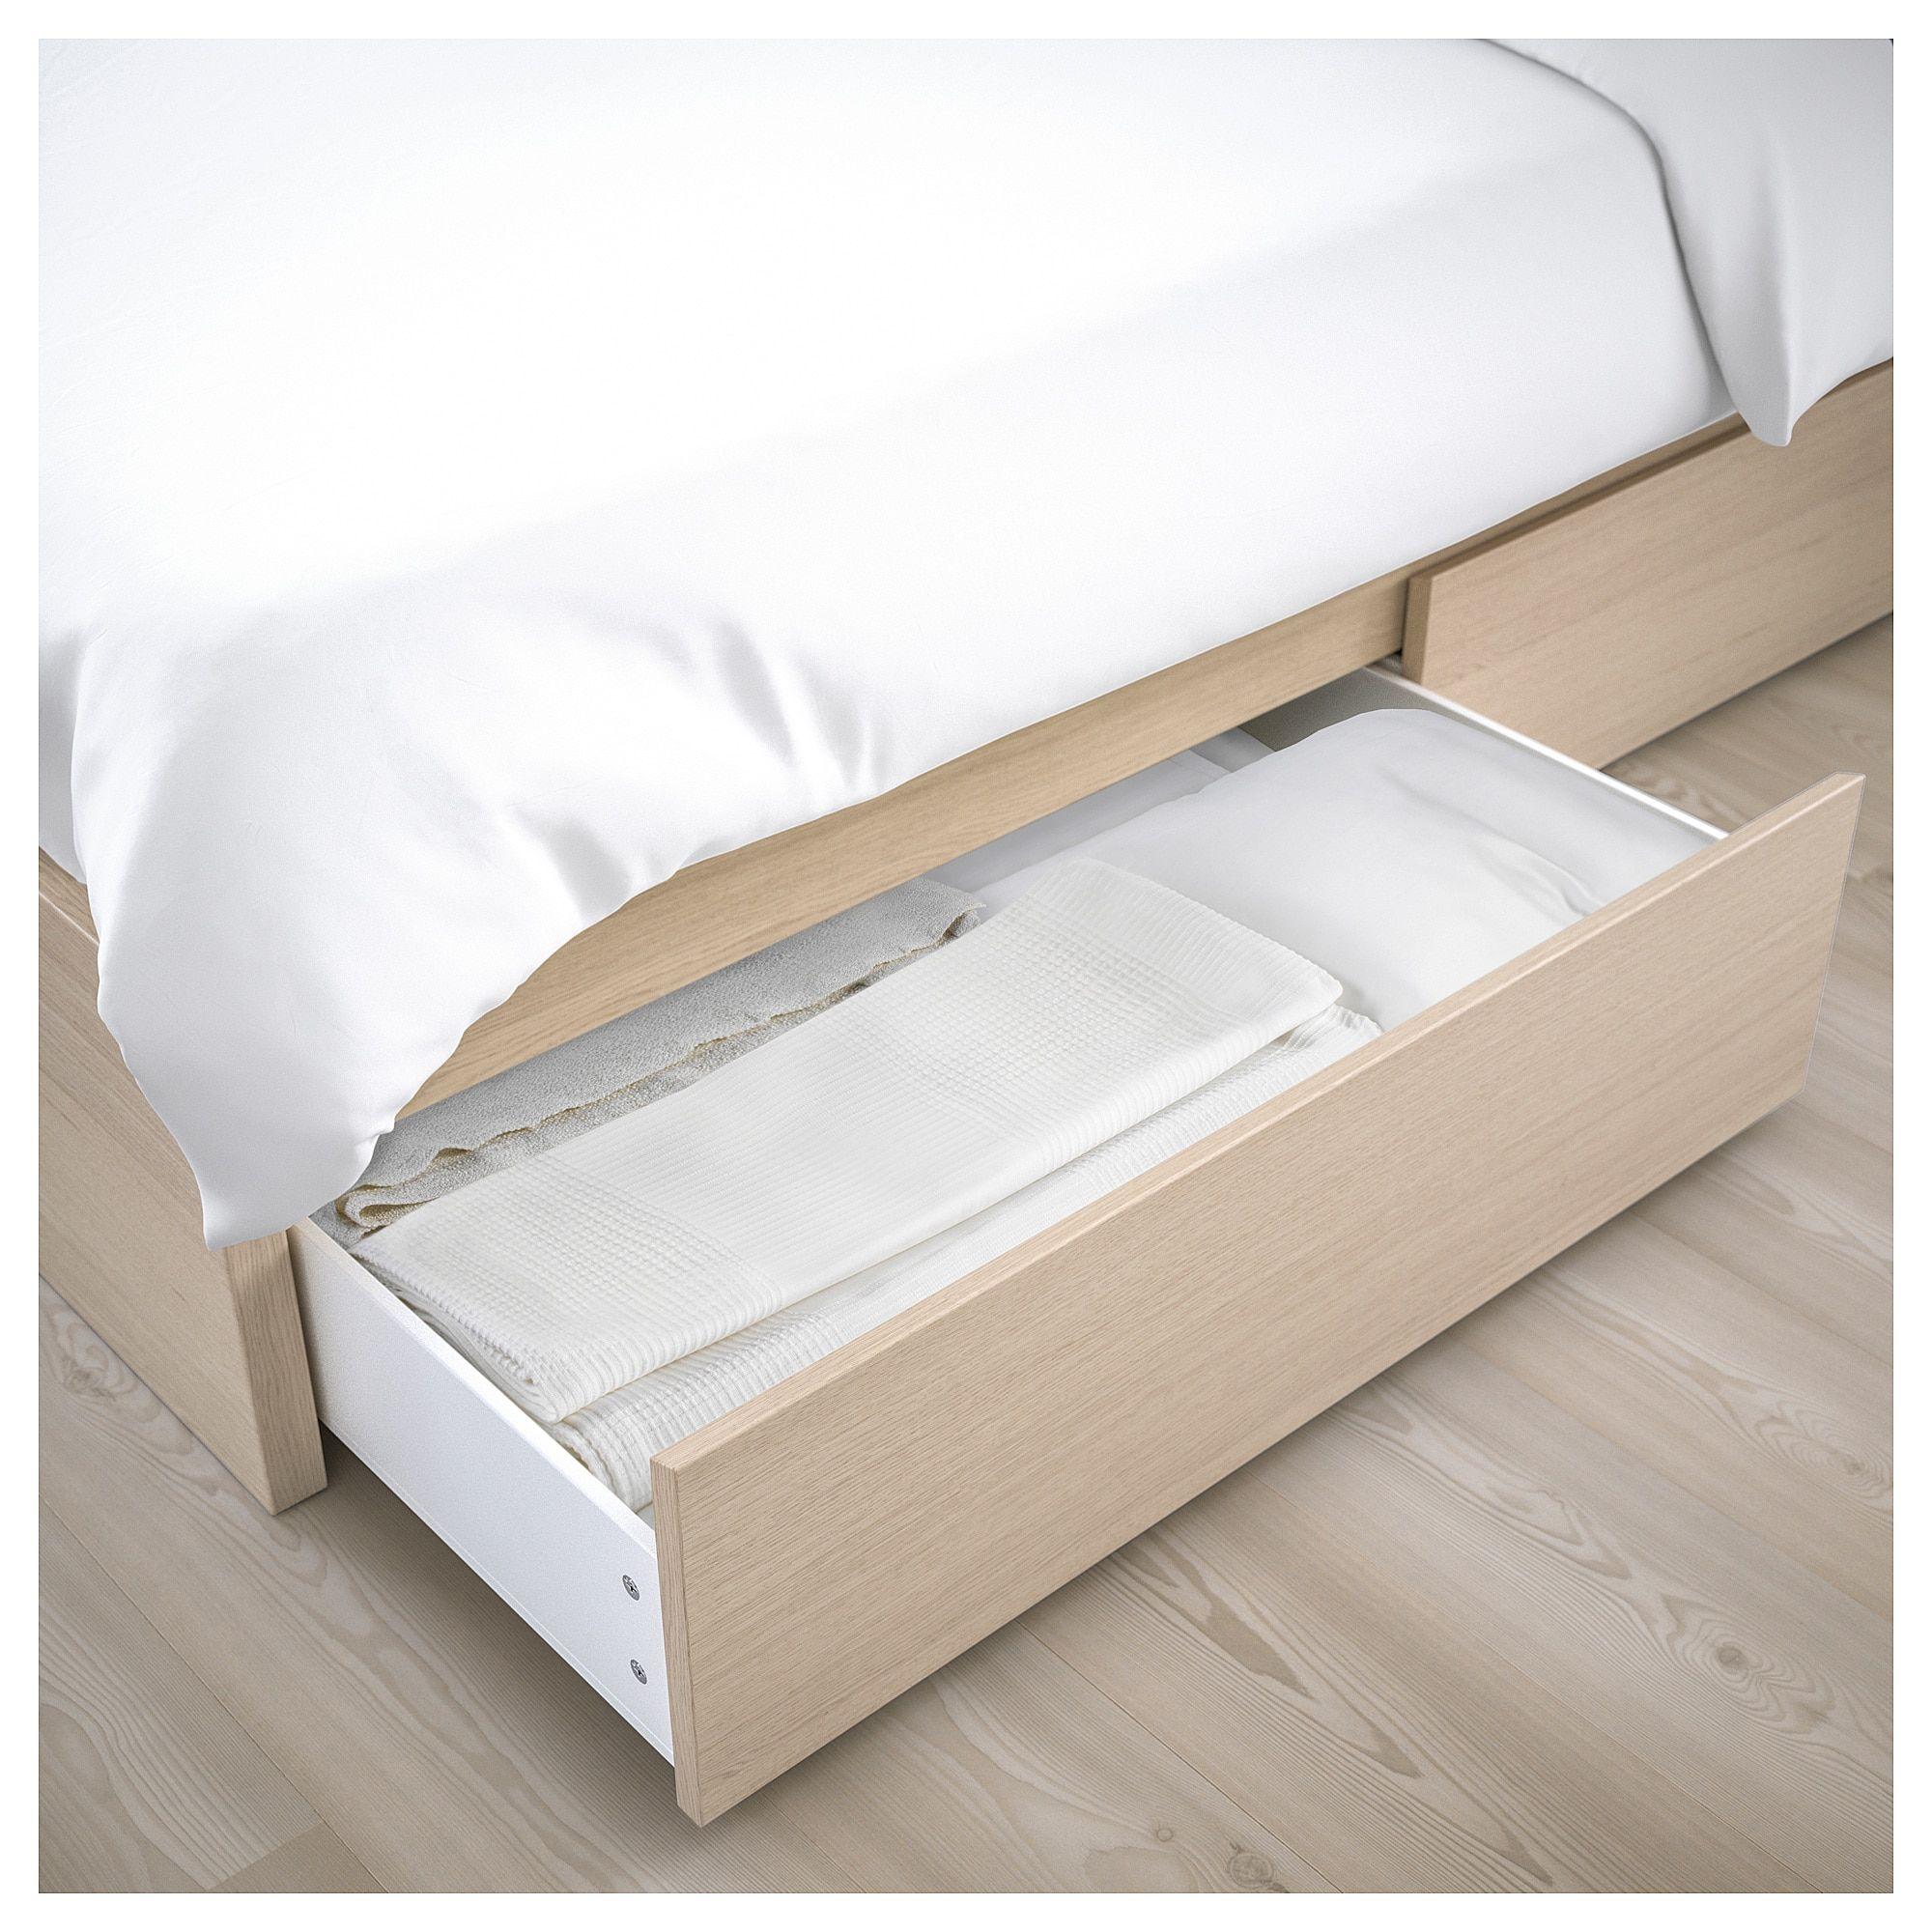 Malm Bettgestell Hoch Mit 2 Schubkasten Eichenfurnier Weiss Lasiert Malm Bett Bettgestell Und Aufbewahrungsbox